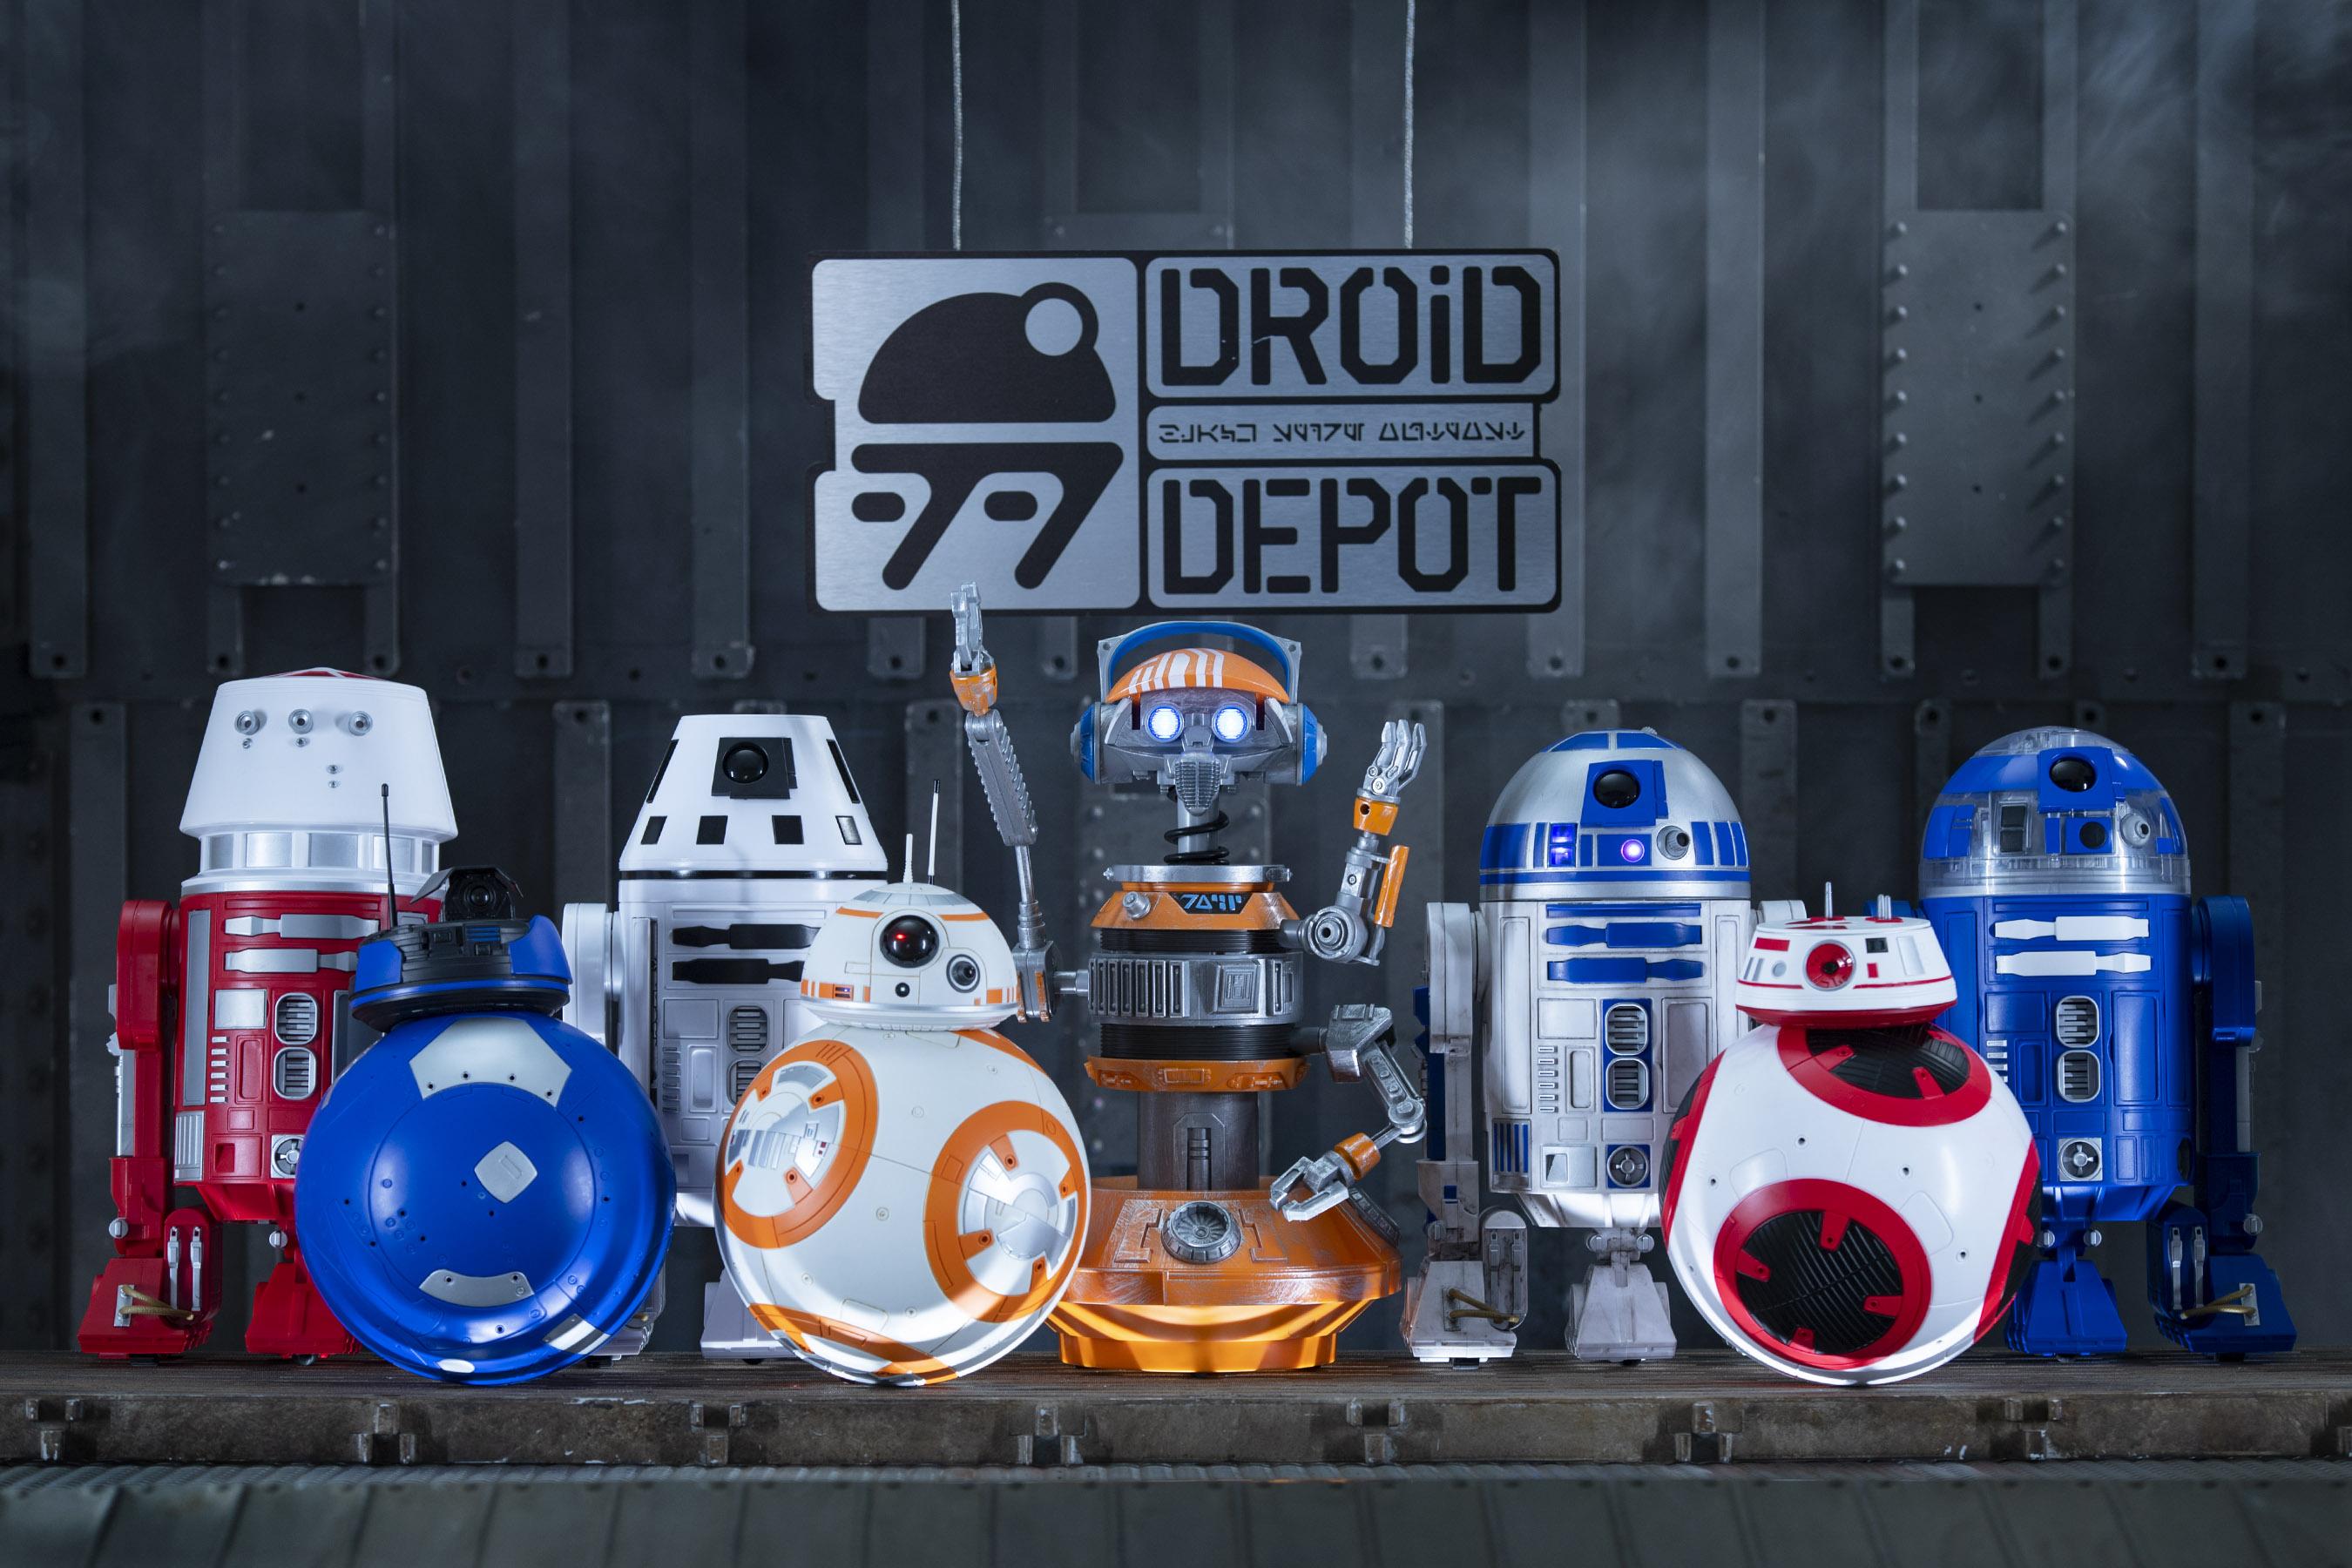 Droid Depot in Star Wars Galaxy's Edge